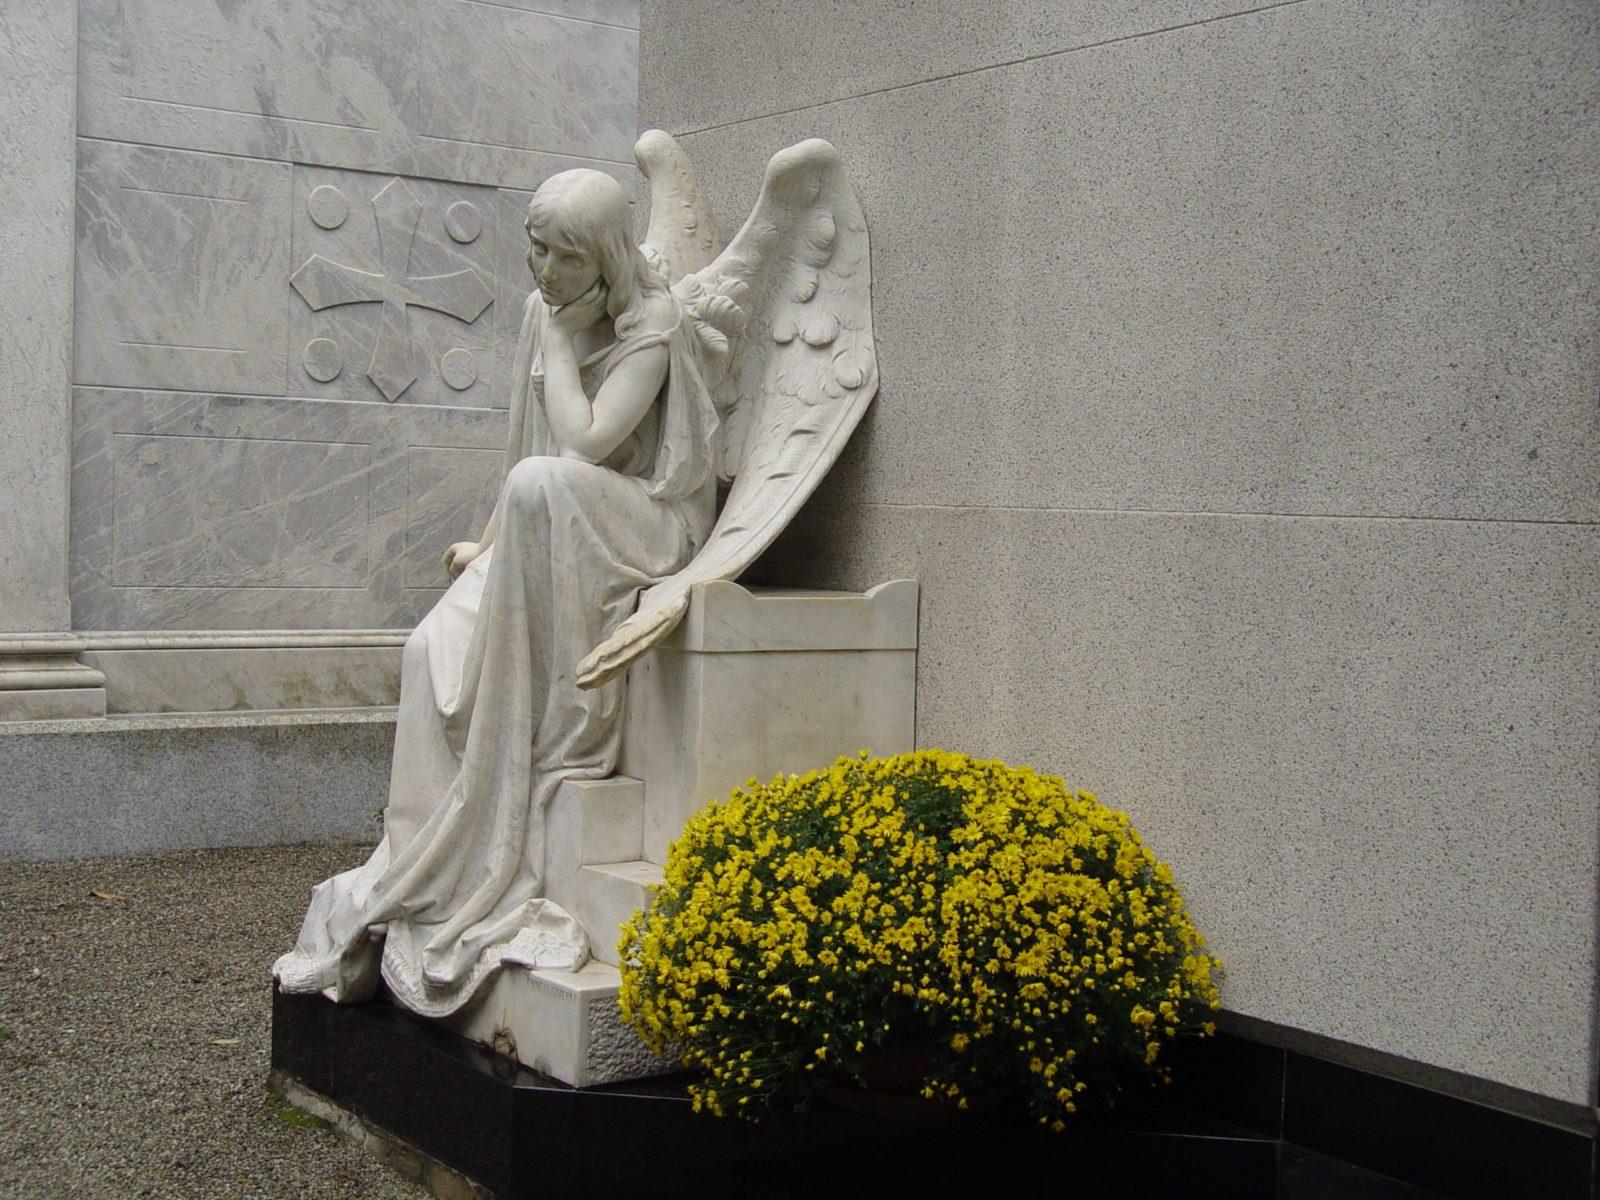 cimitero monumentale monumental cemetery milan guided tour walking tour